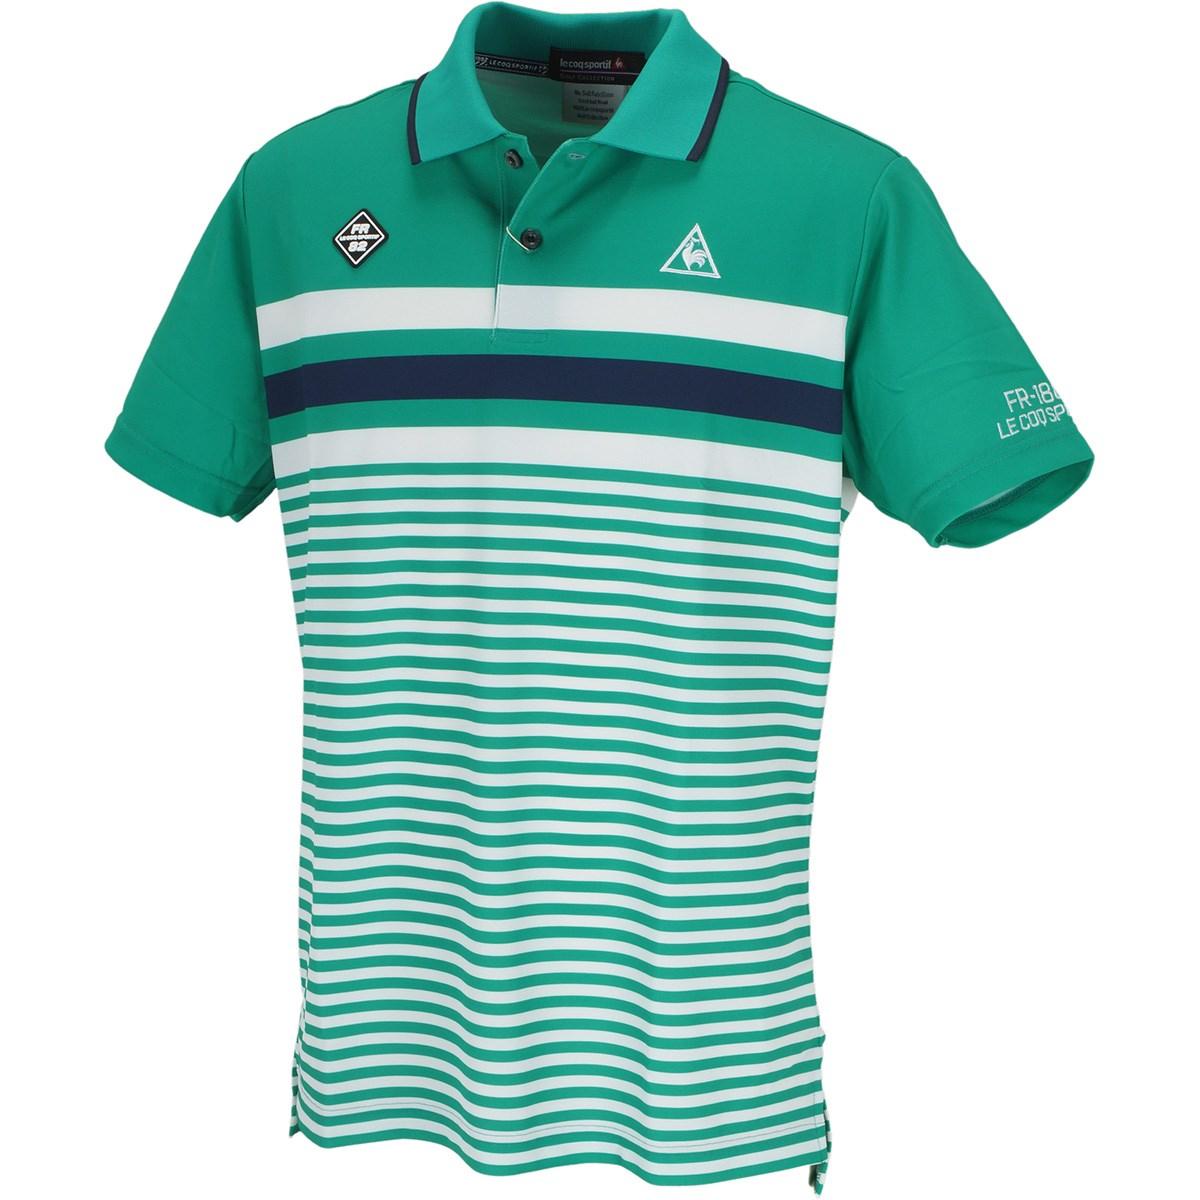 ルコックゴルフ マルチパネルボーダー 半袖ポロシャツ